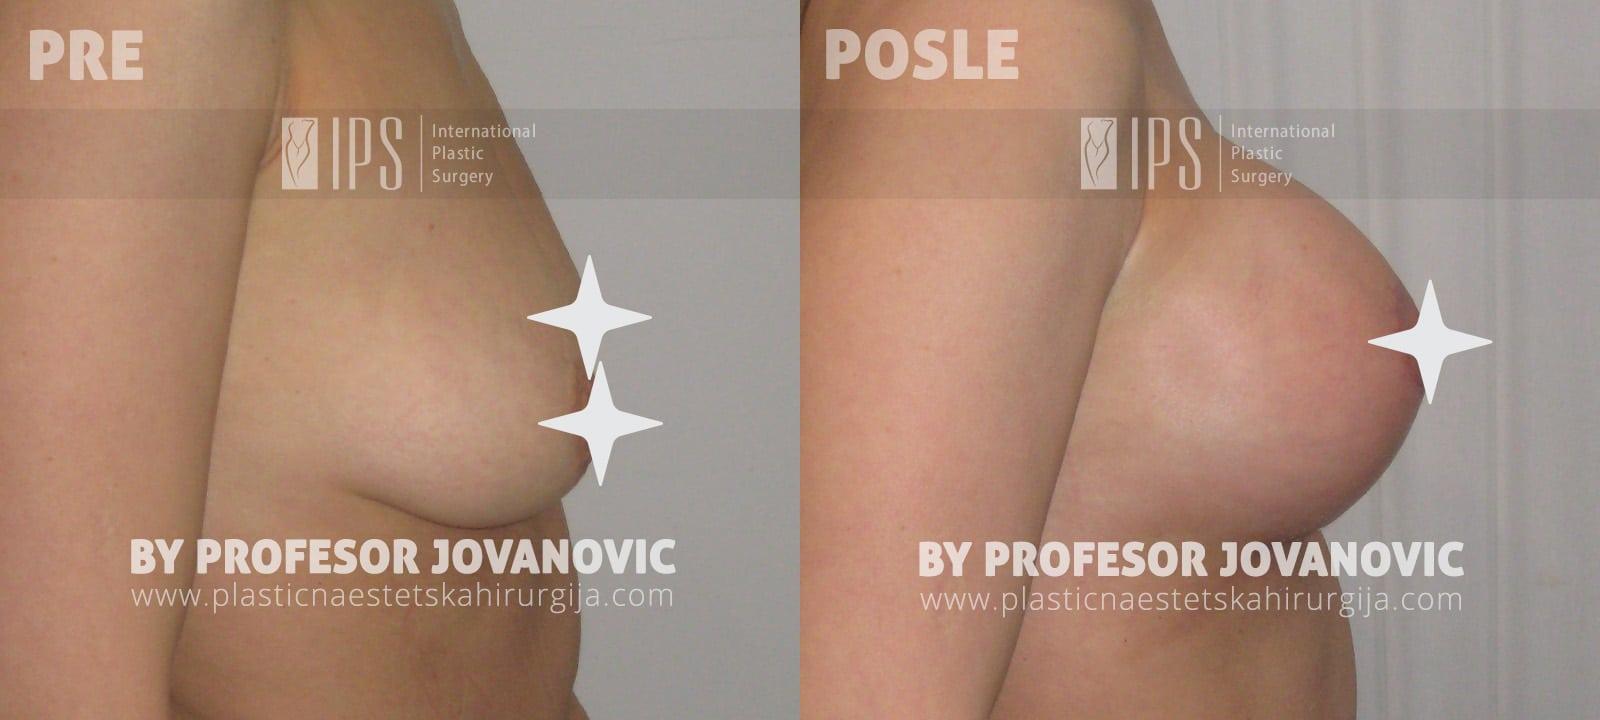 Podizanje grudi sa ožiljkom i povećanje grudi - pre i posle, desni bok